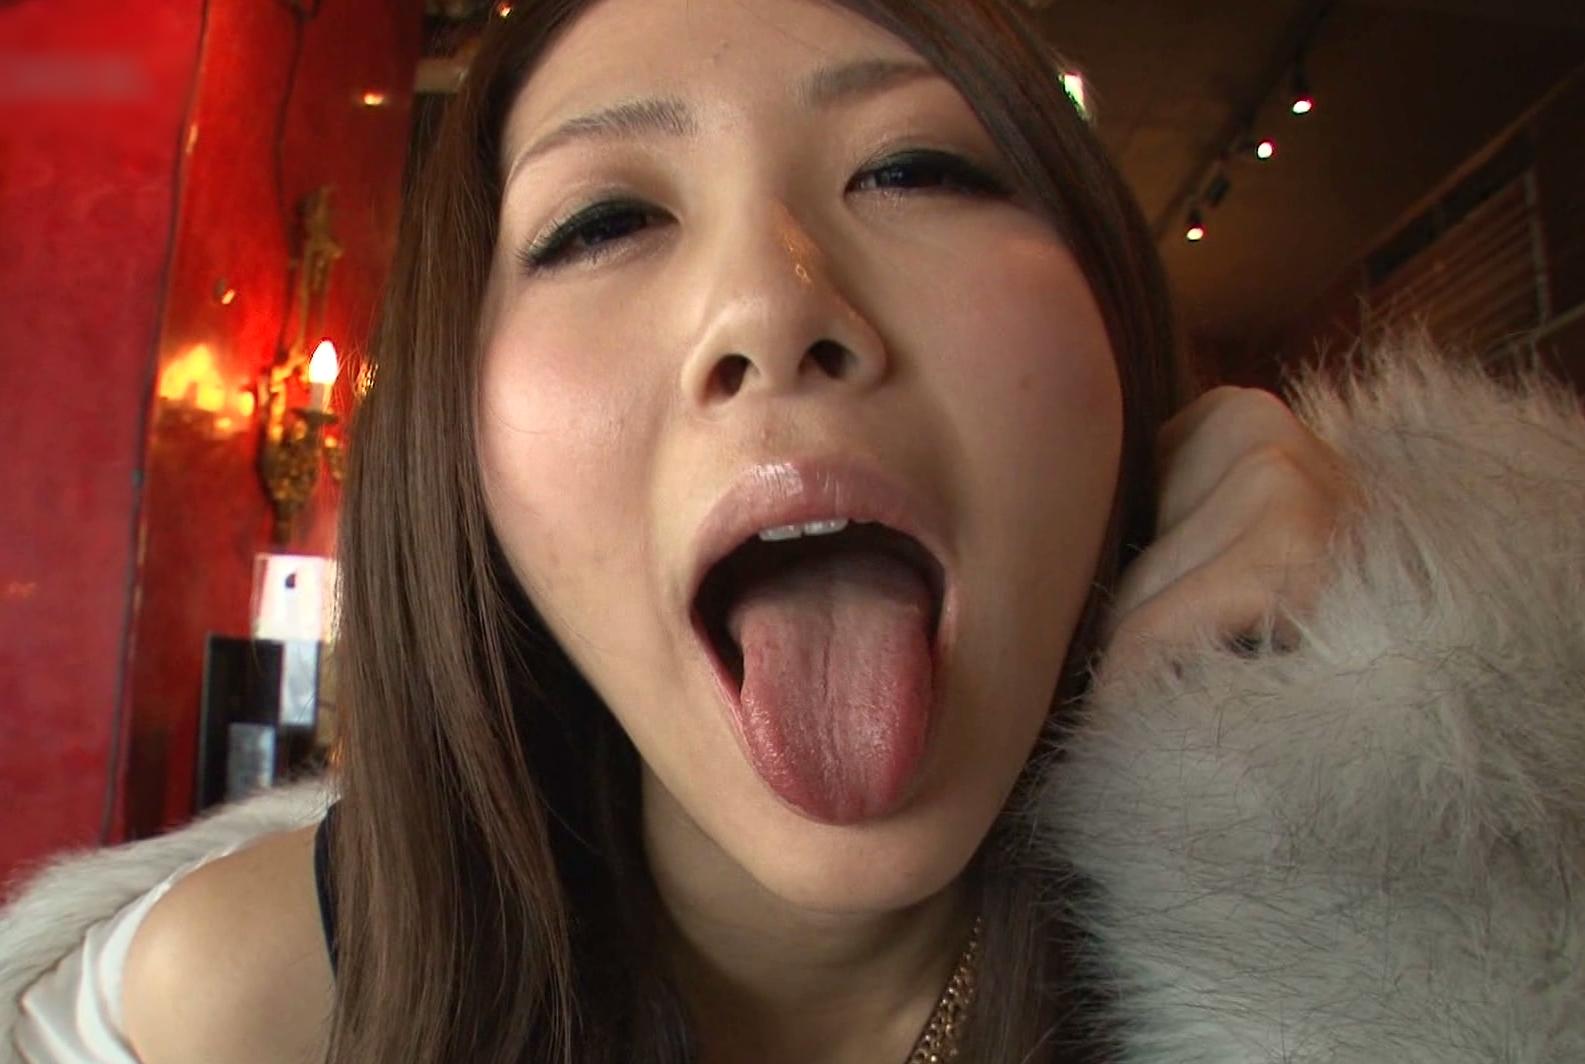 宮瀬リコの舌奉仕 (18)